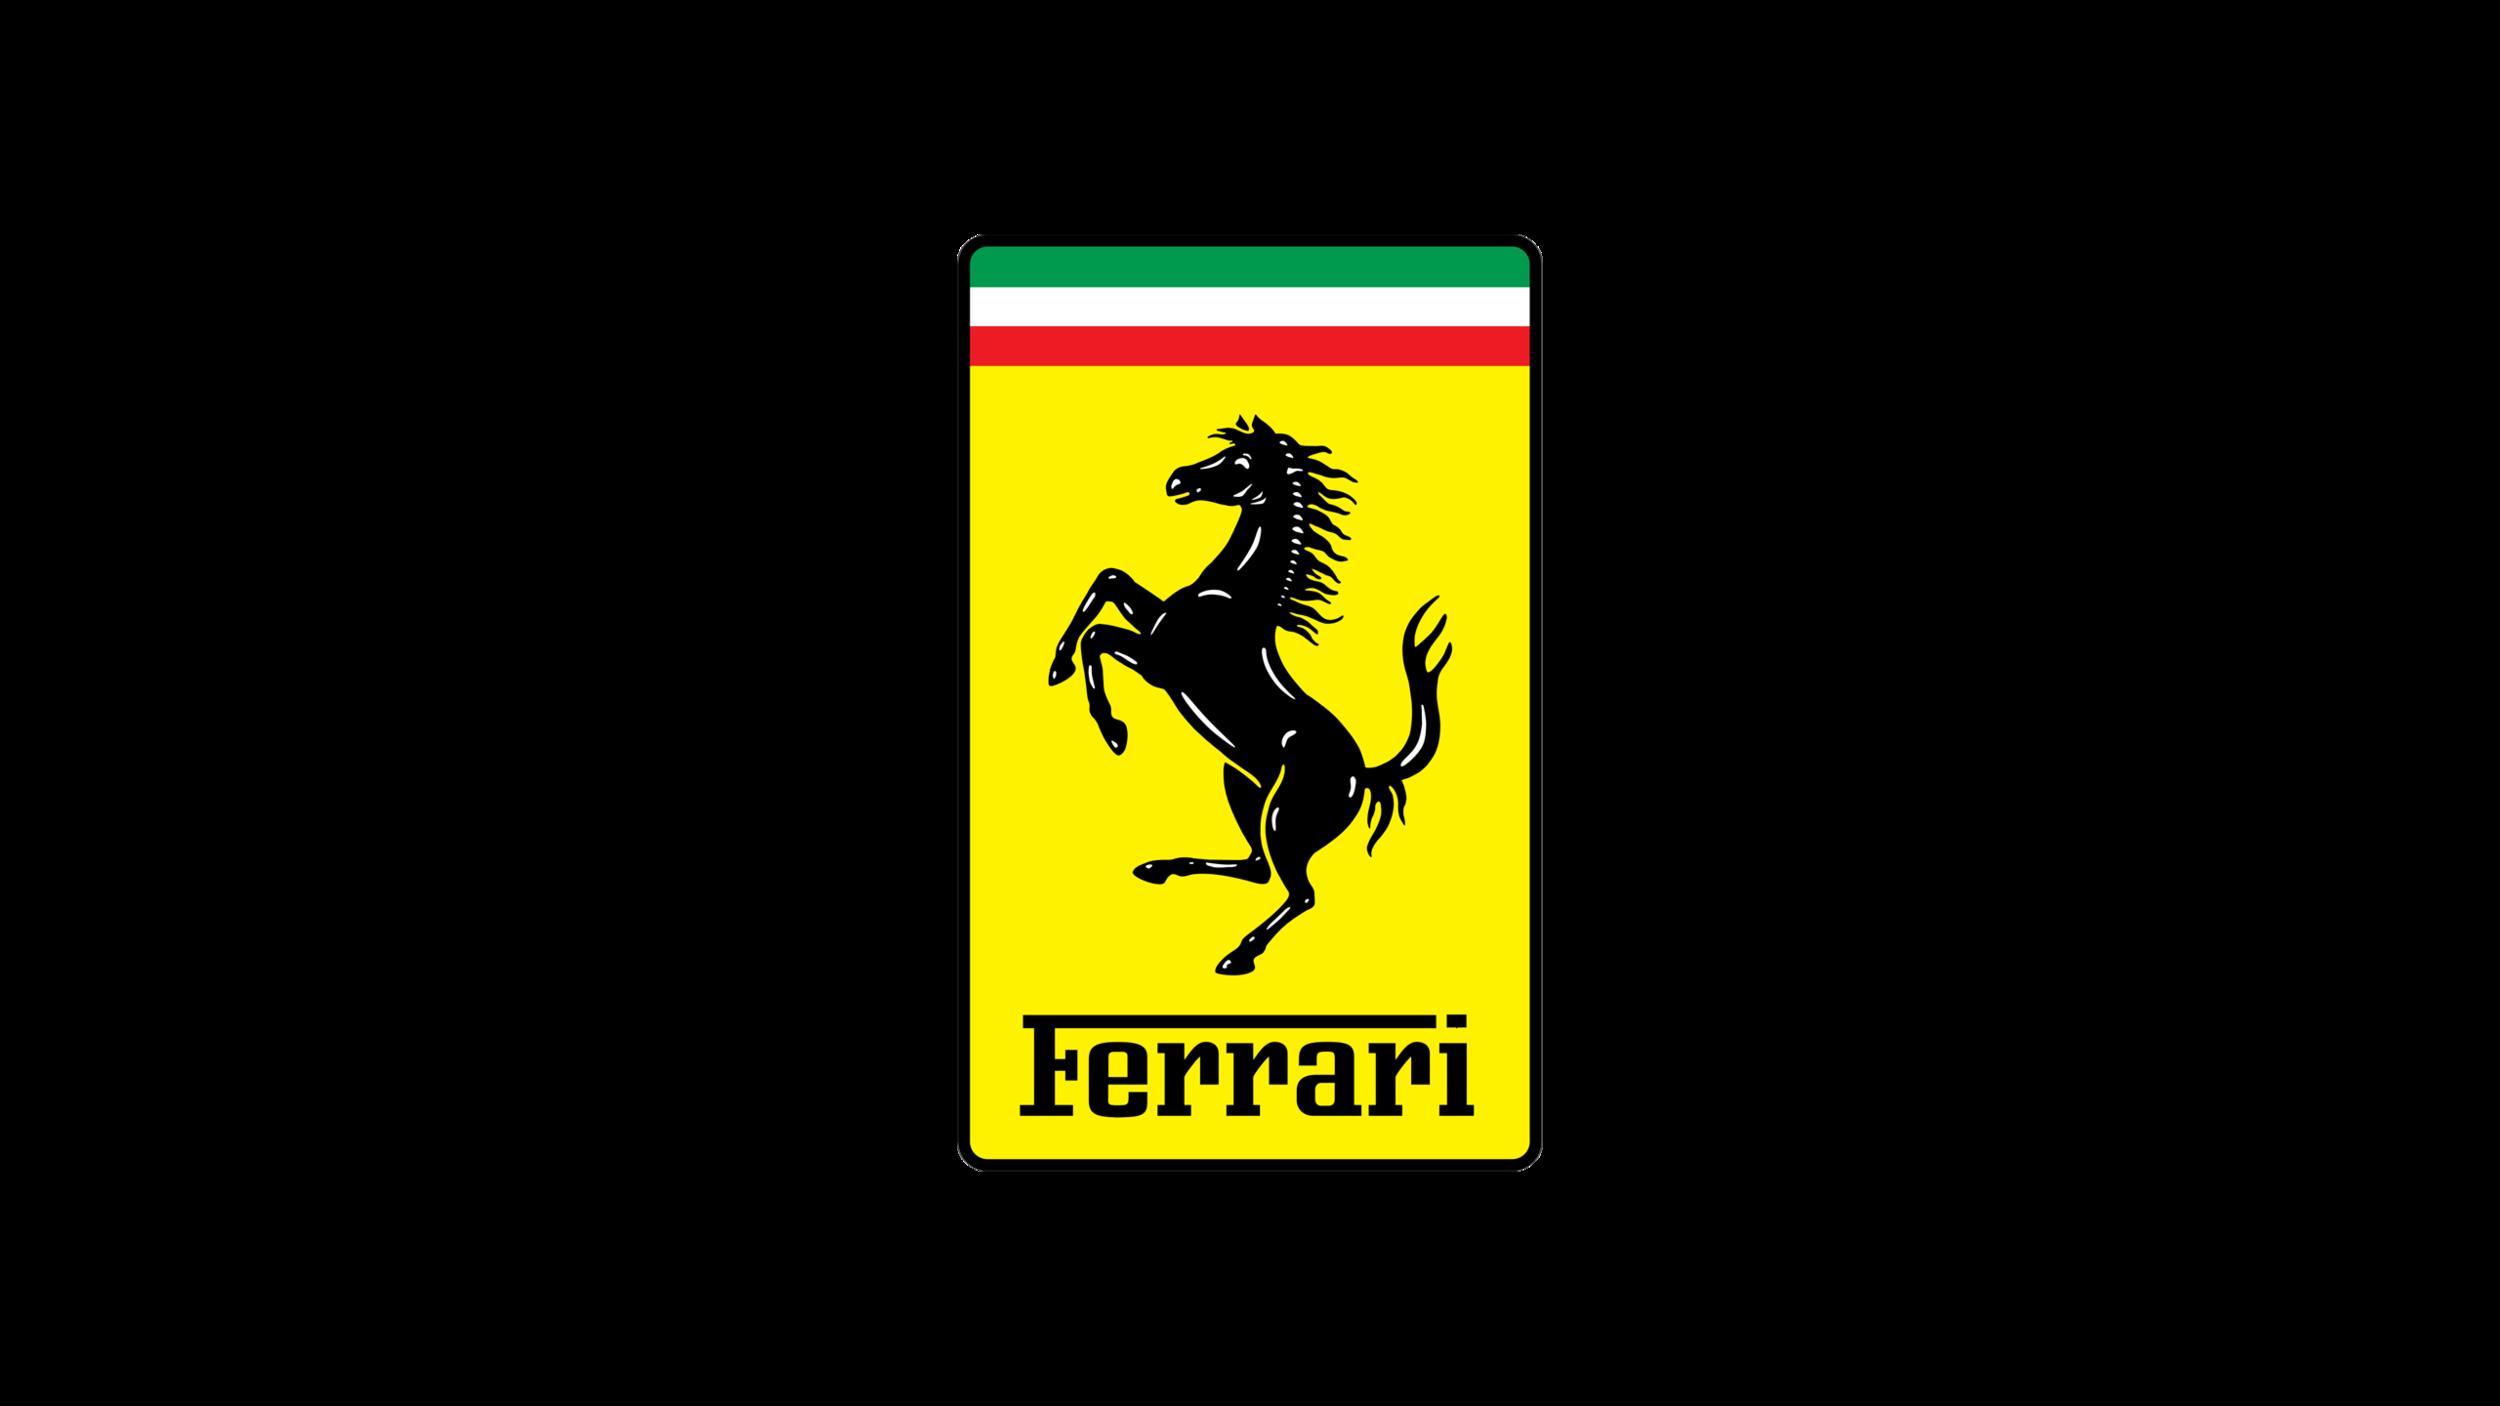 Ferrari Brisbane